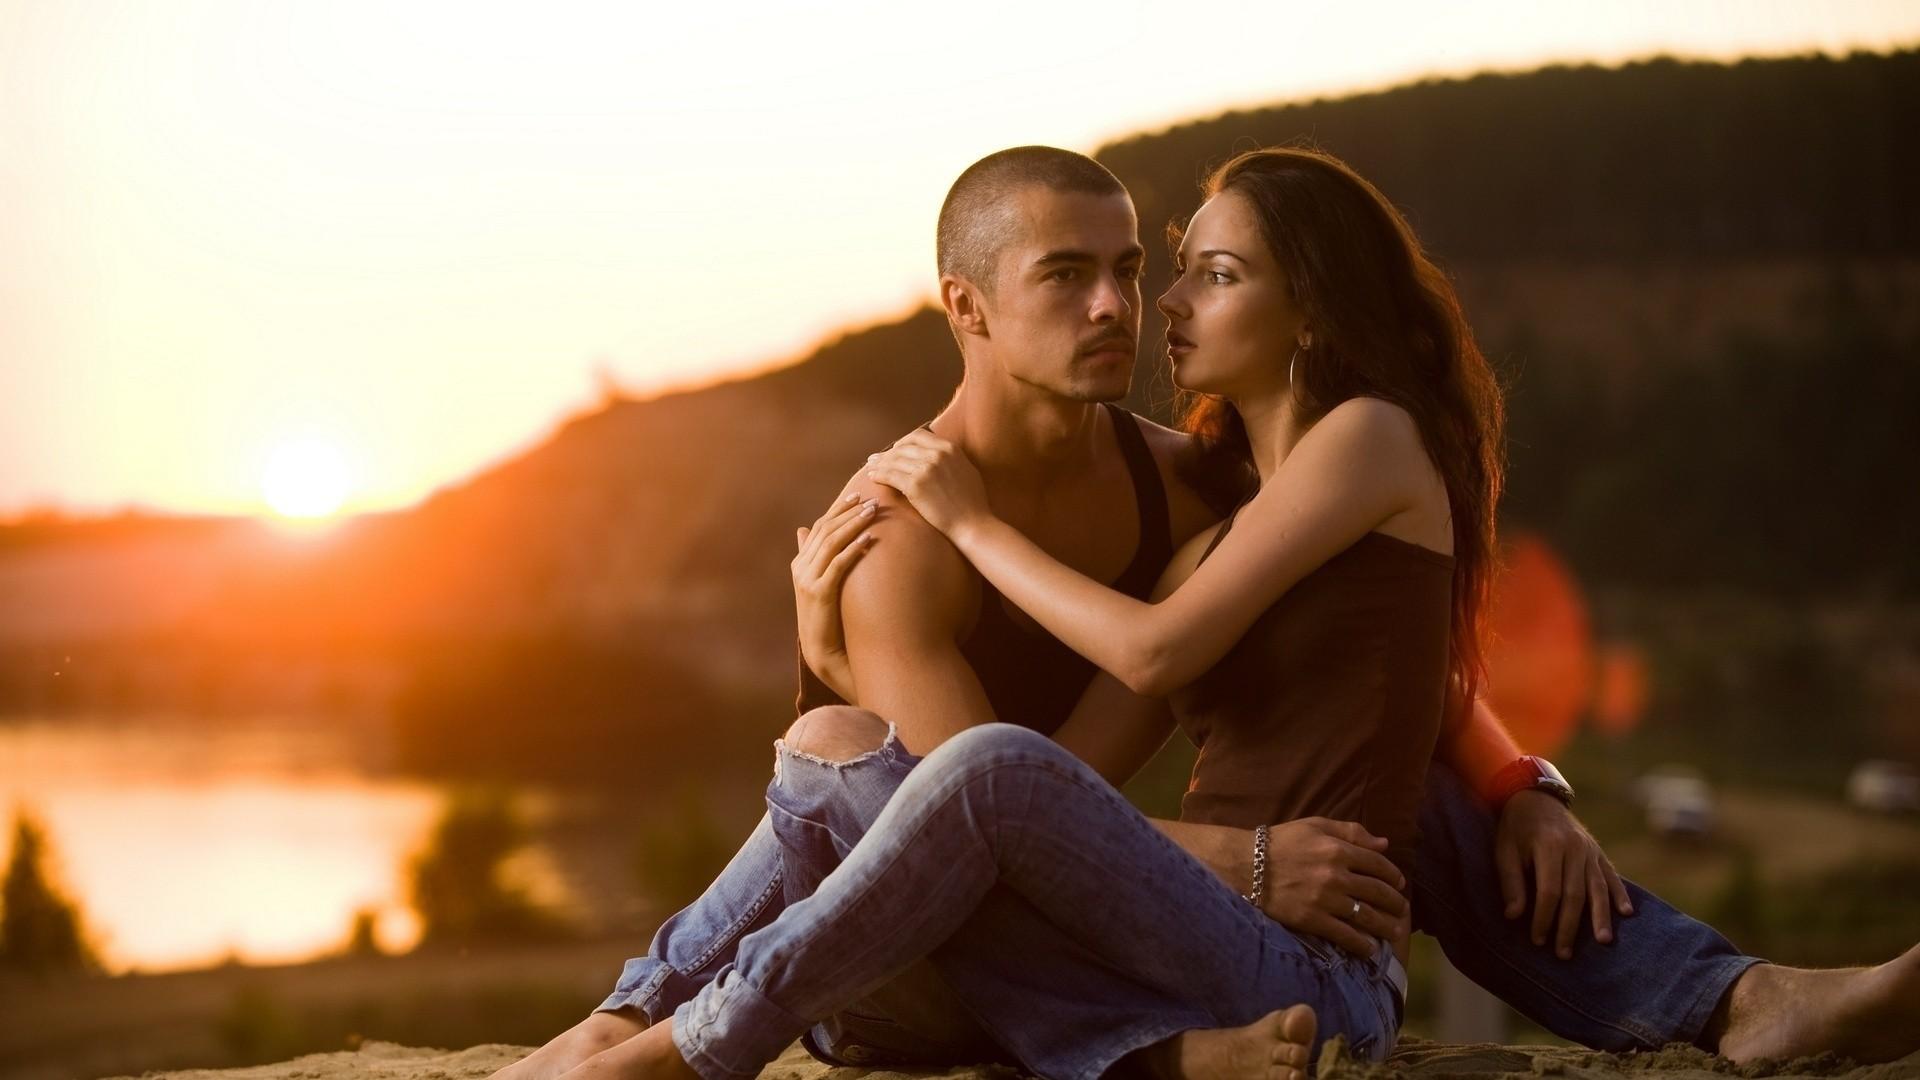 بالصور صور حب رومنسي , شاهد بالصور المشاعر الجياشة فى الحب 2031 12